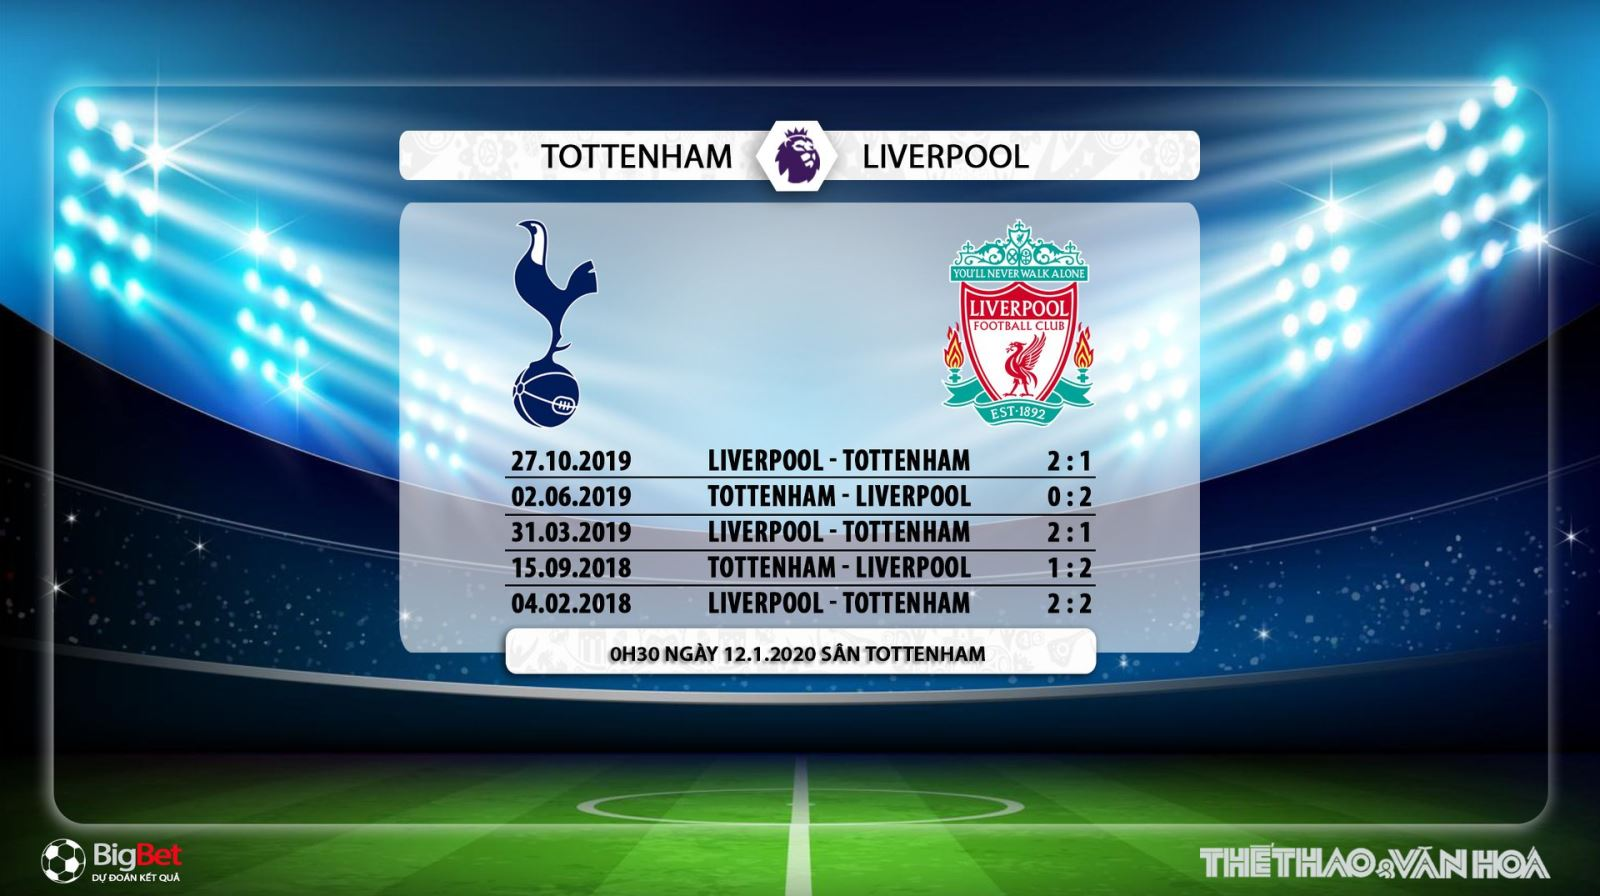 Truc tiep bong da hom nay, Trực tiếp bóng đá hôm nay, Tottenham vs Liverpool, Trực tiếp K+PM, K+, Bóng đá Anh, kết quả bóng đá ngoại hạng Anh, xem truc tiep bong da